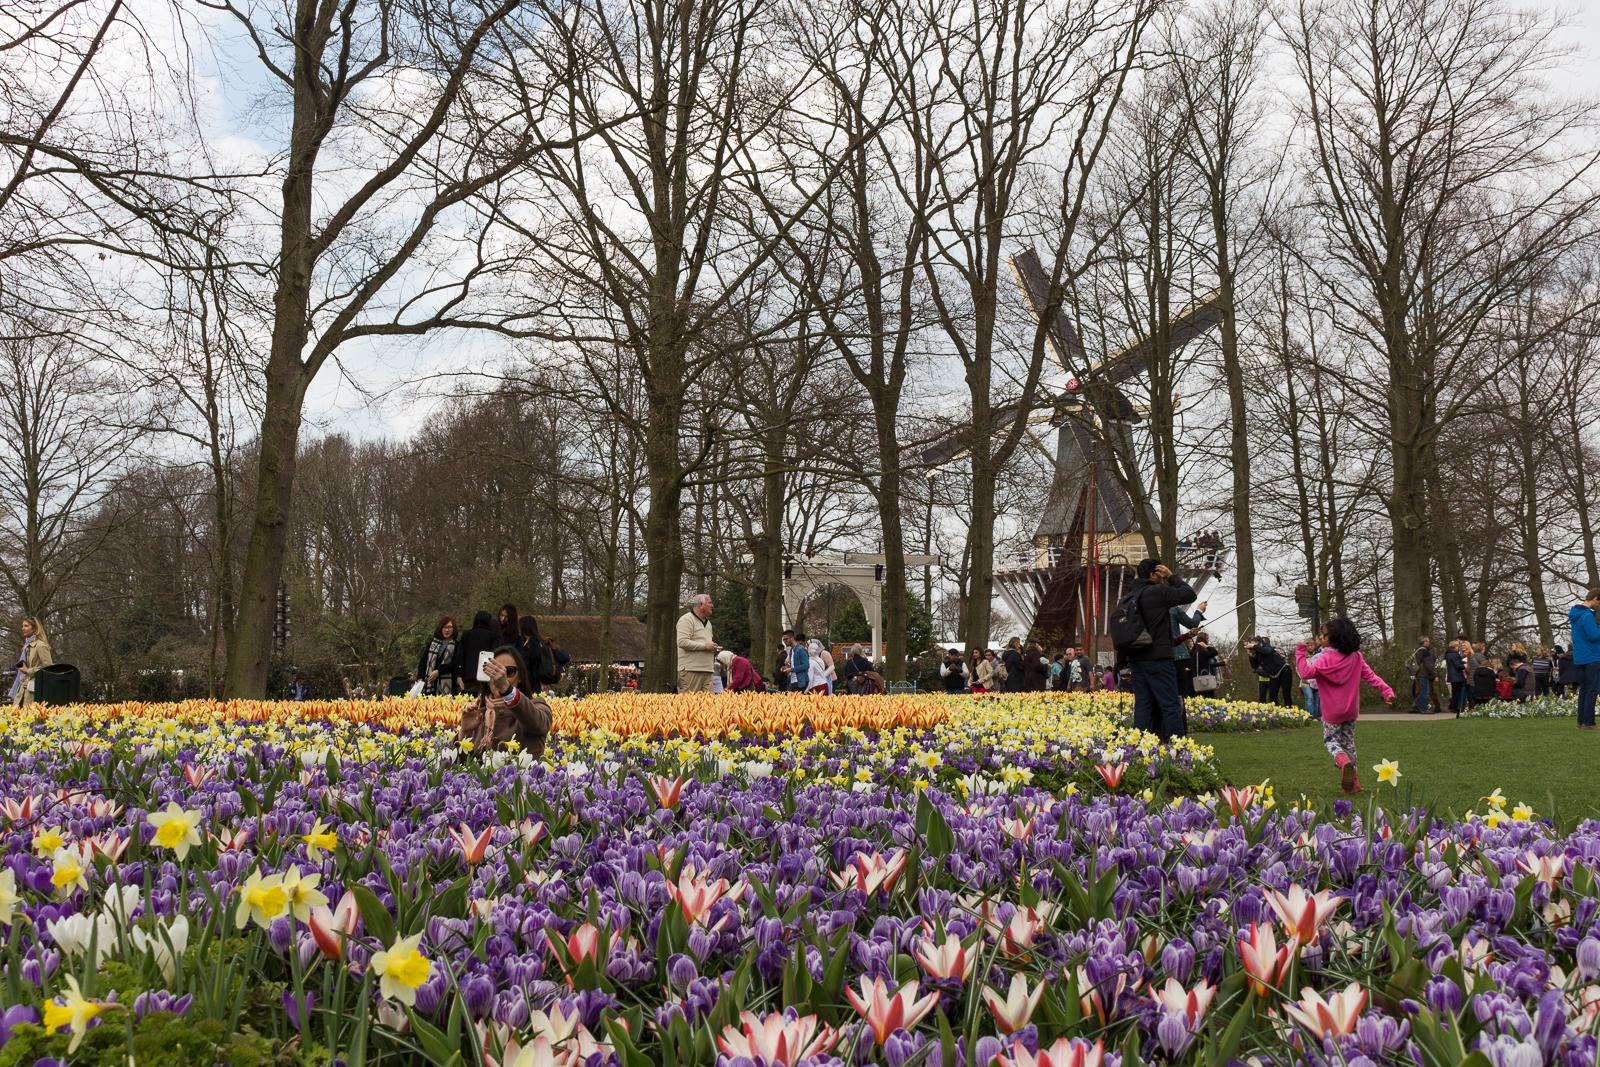 niederlande_noordwijk_keukenhof_reiseblog-2777